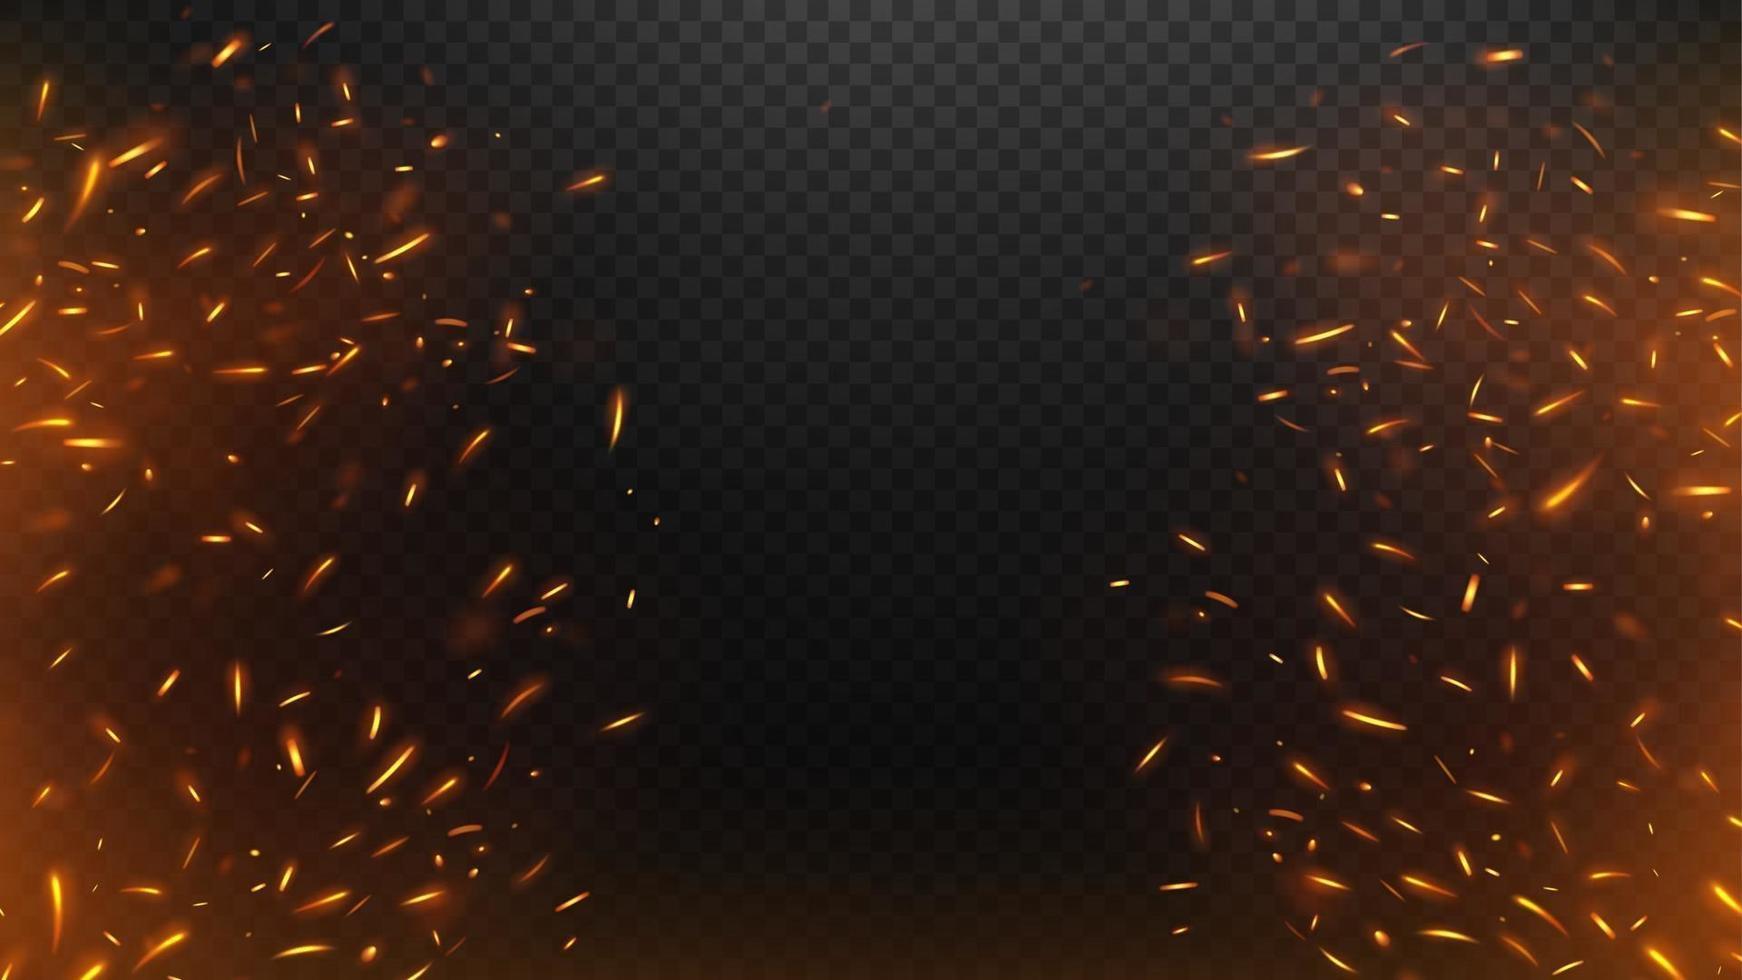 Feuer fliegende Funken mit einem dunklen Hintergrund vektor